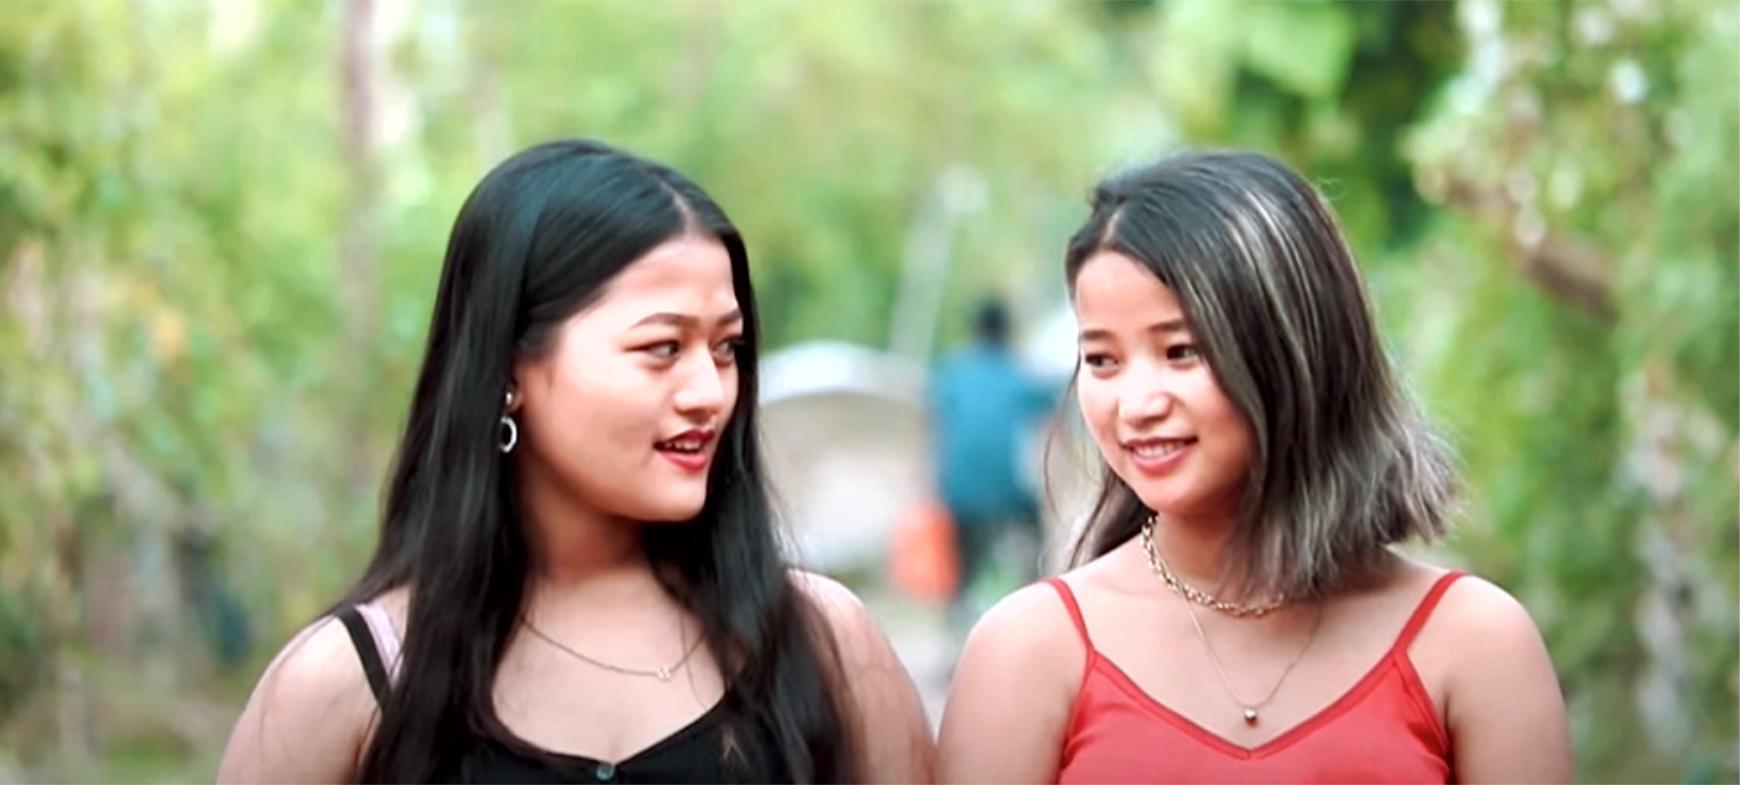 इन्द्रशुसिल र गंगाको आवाजमा 'तेह्रथुमे कालु' सार्वजनिक(भिडियो सहित)